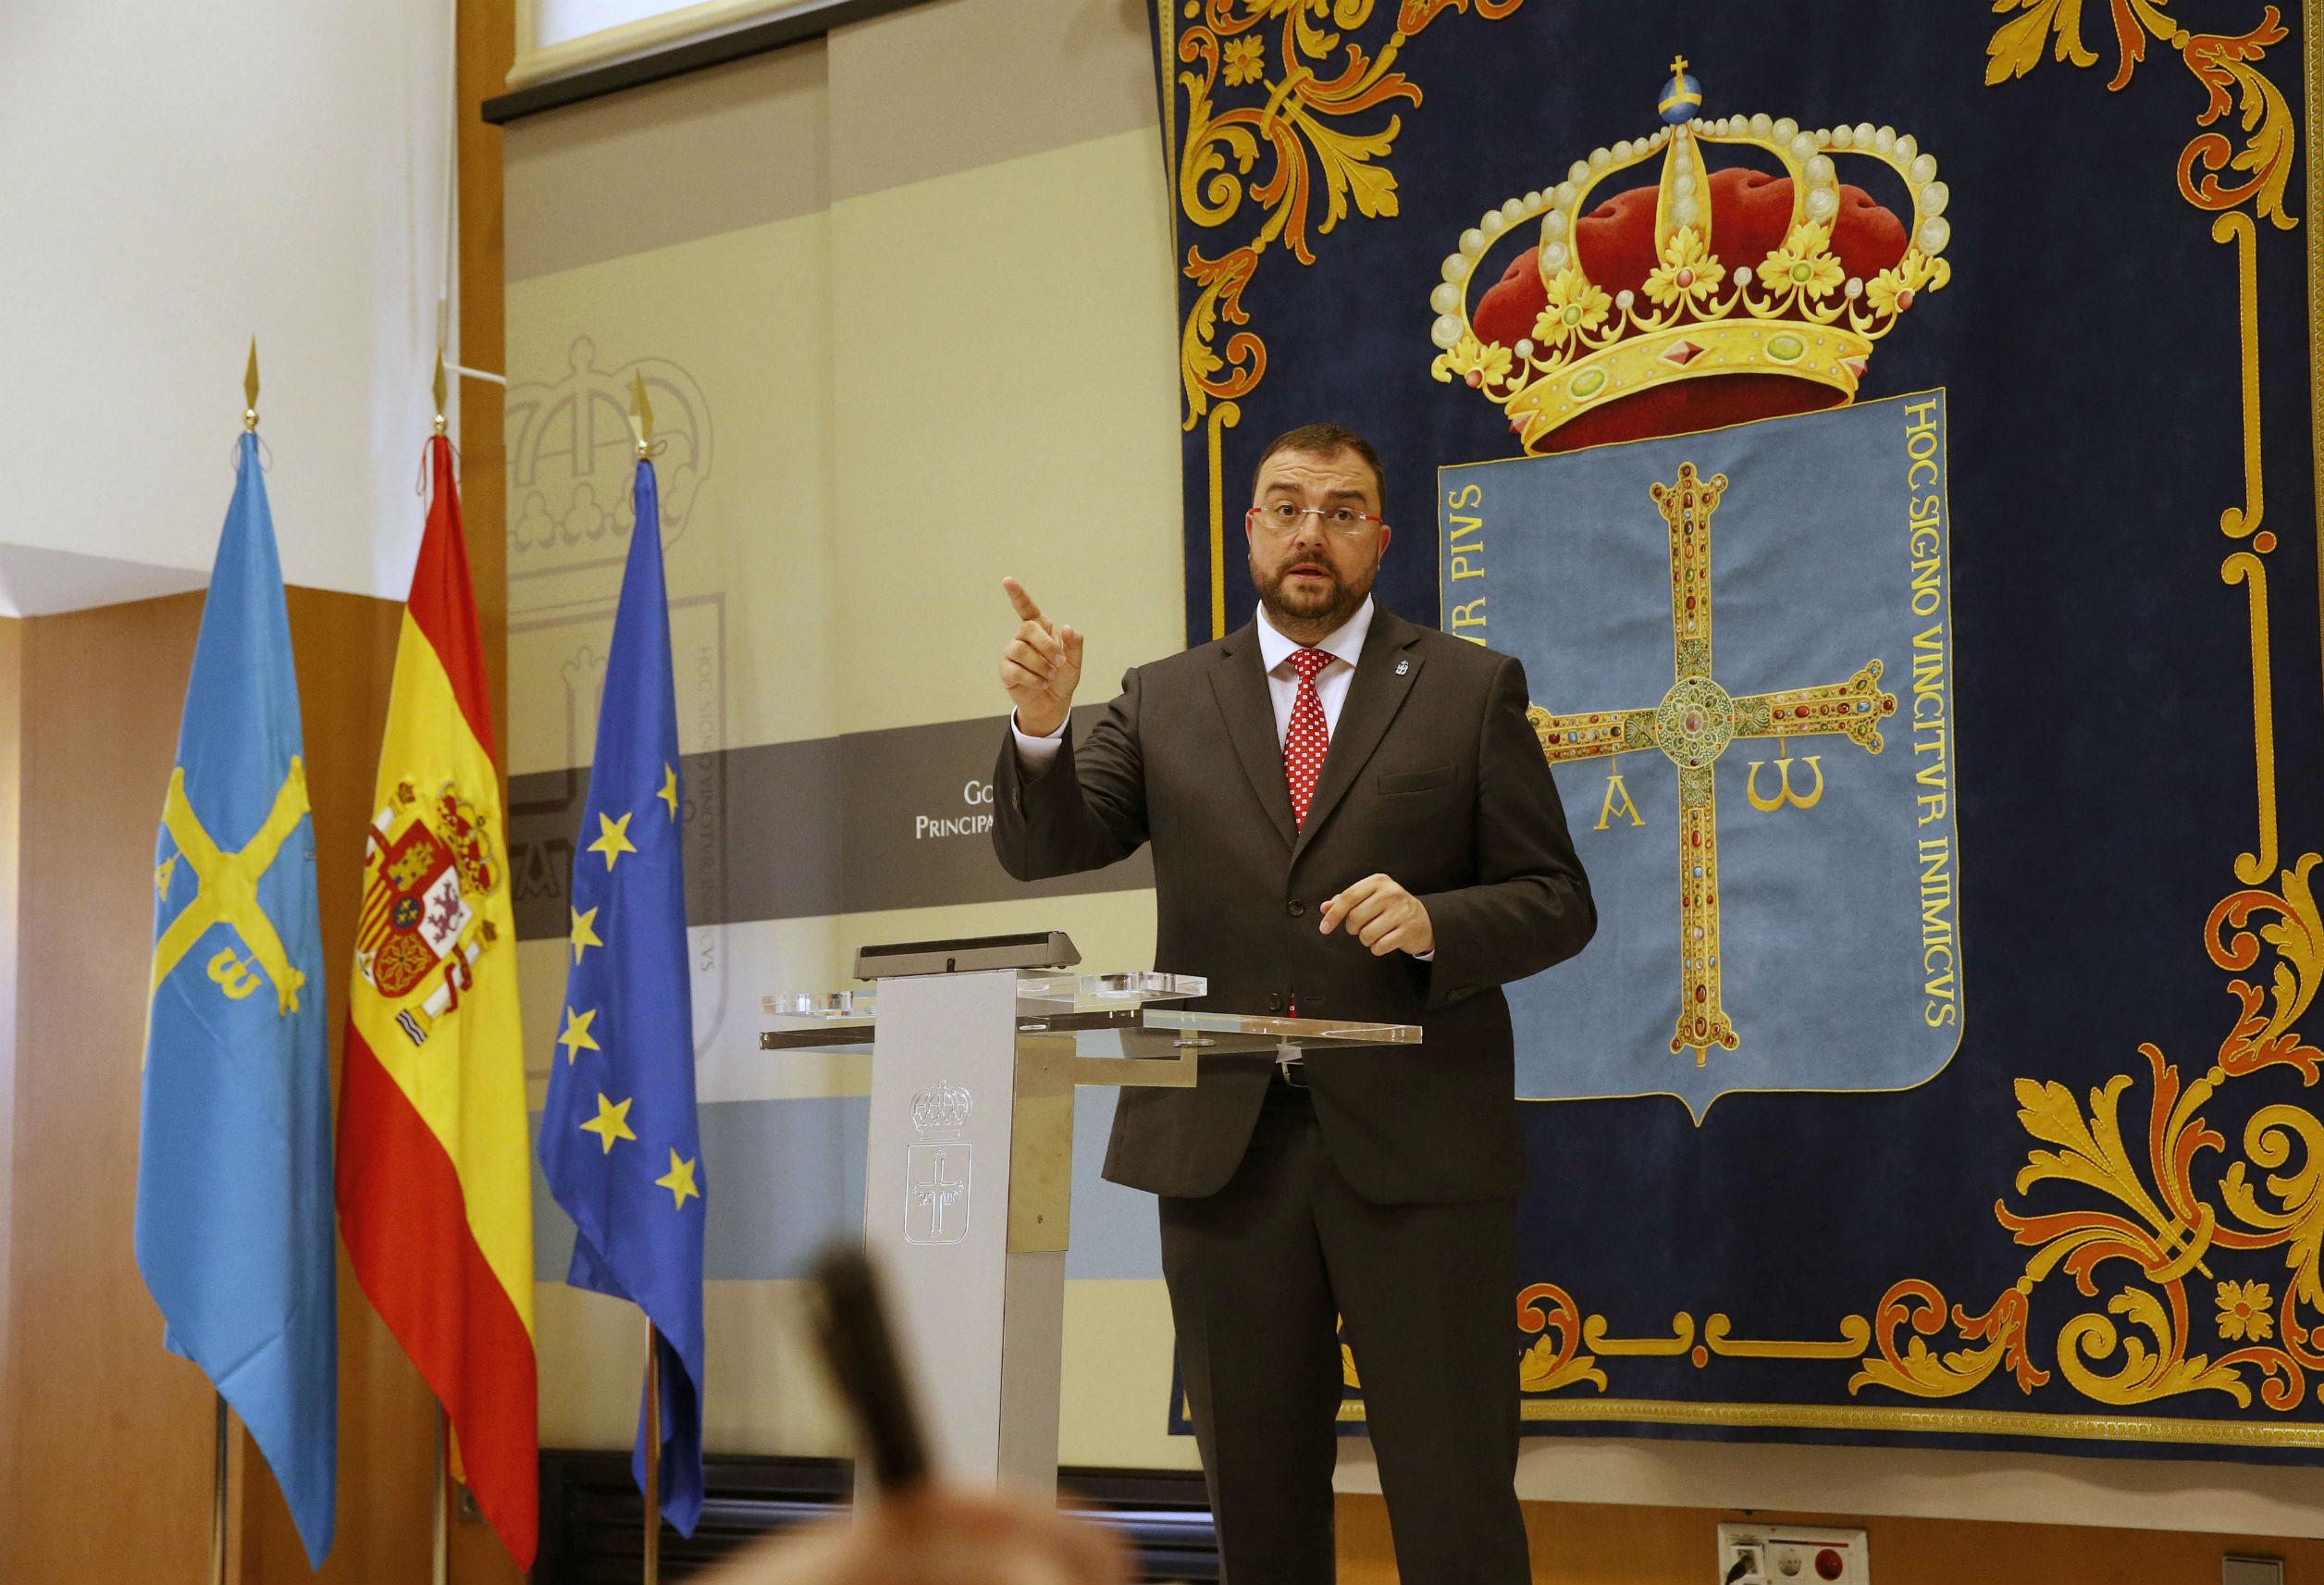 El Presidente del Principado de Asturias, Adrián Barbón, que hoy ha informado en rueda de prensa sobre los acuerdos adoptados en la reunión del Consejo de Gobierno.